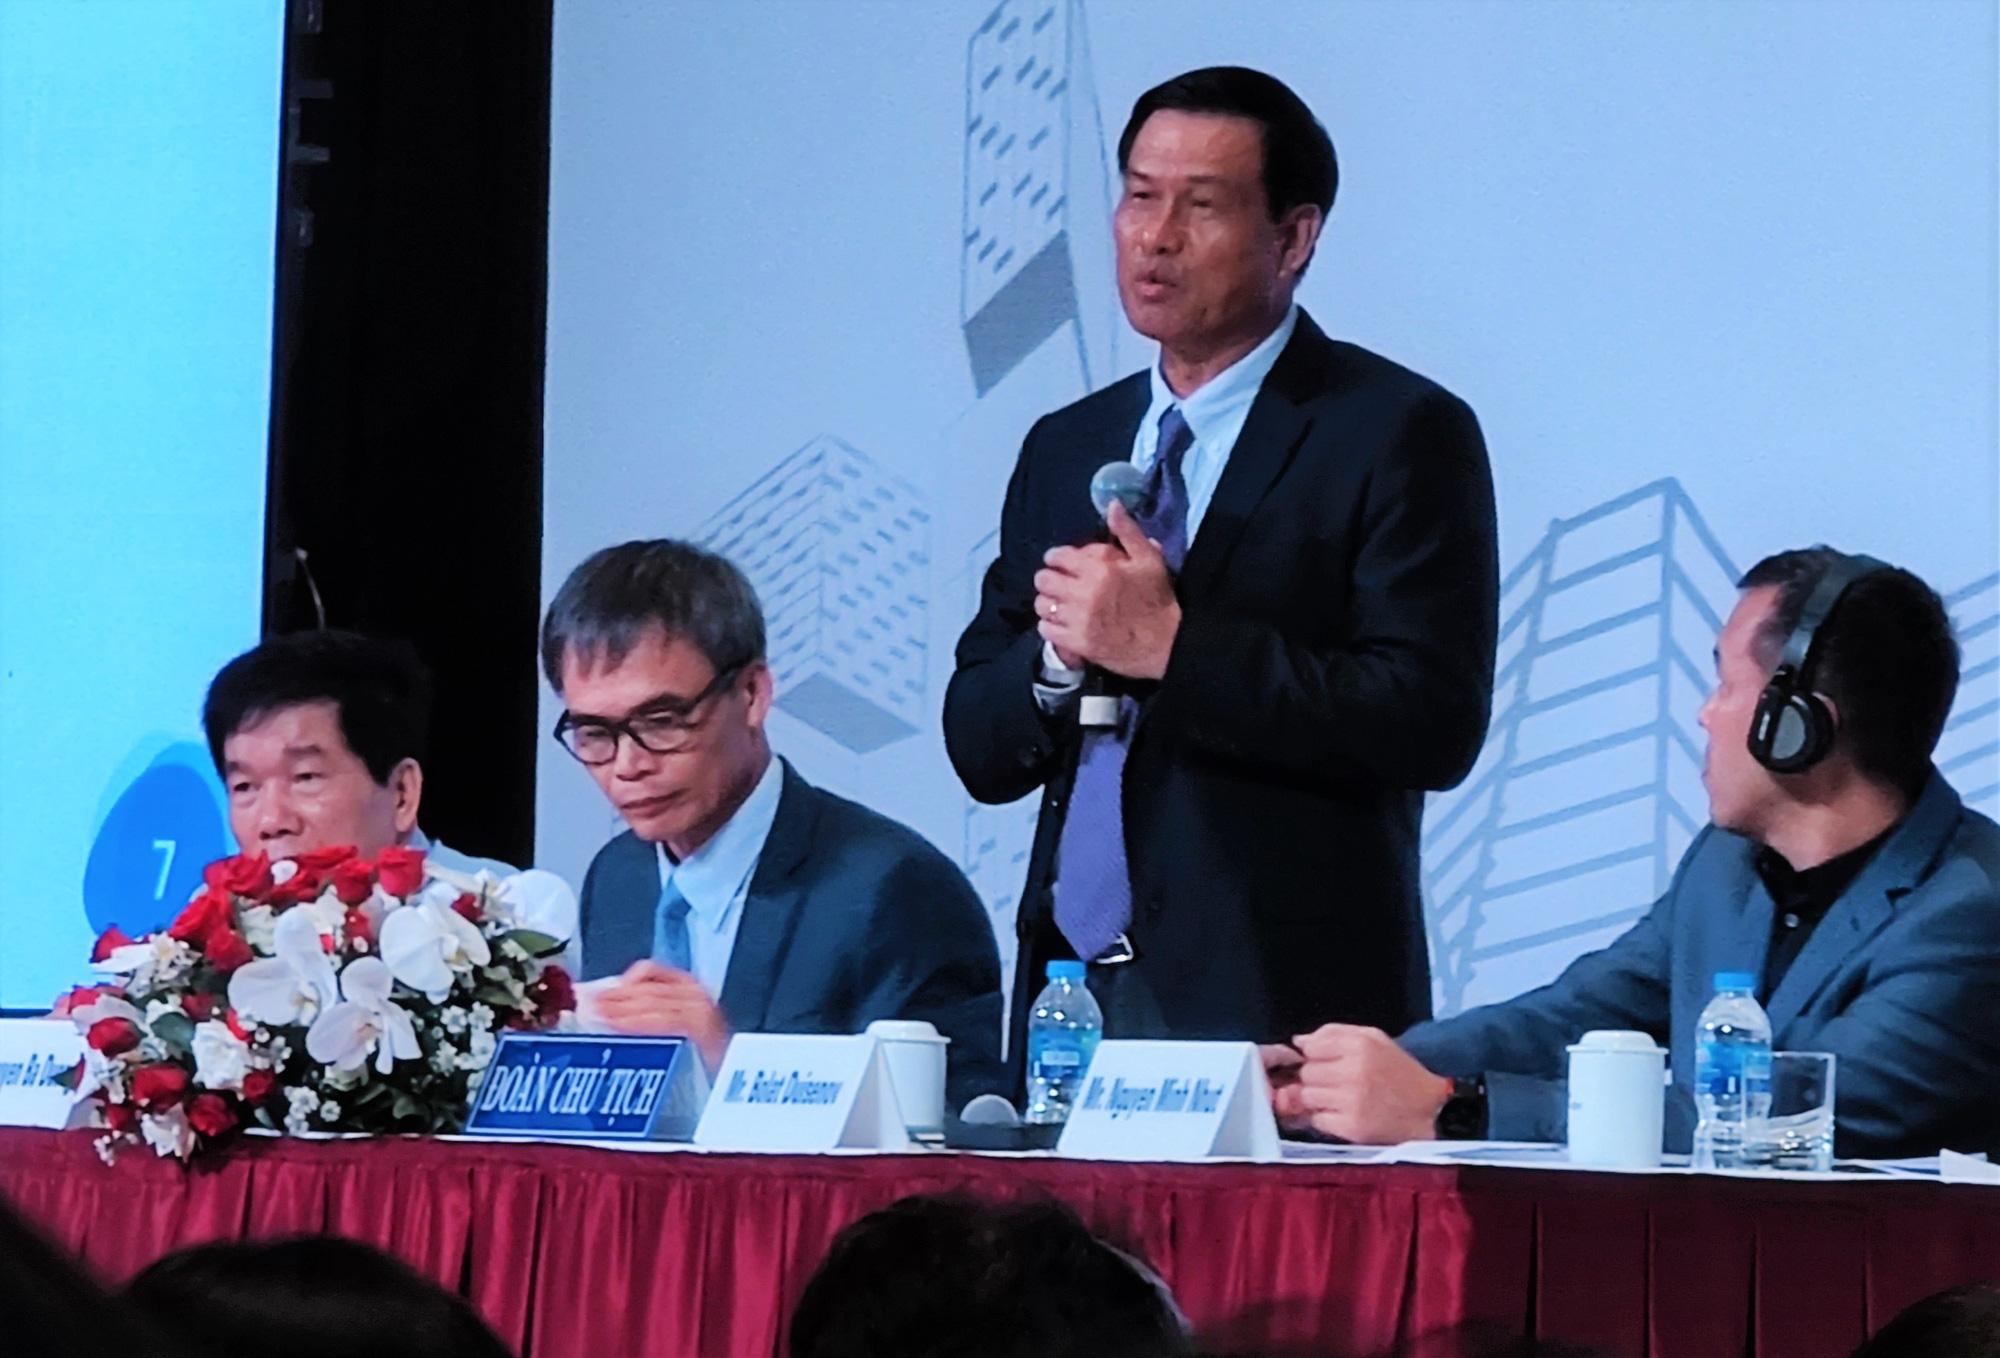 Chủ tịch Hội đồng Quản trị Coteccons Nguyễn Bá Dương (đứng) trần tình trước các cổ đông tại ĐHĐCĐ 2019 vừa được tổ chức chiều qua, 30/6/2020